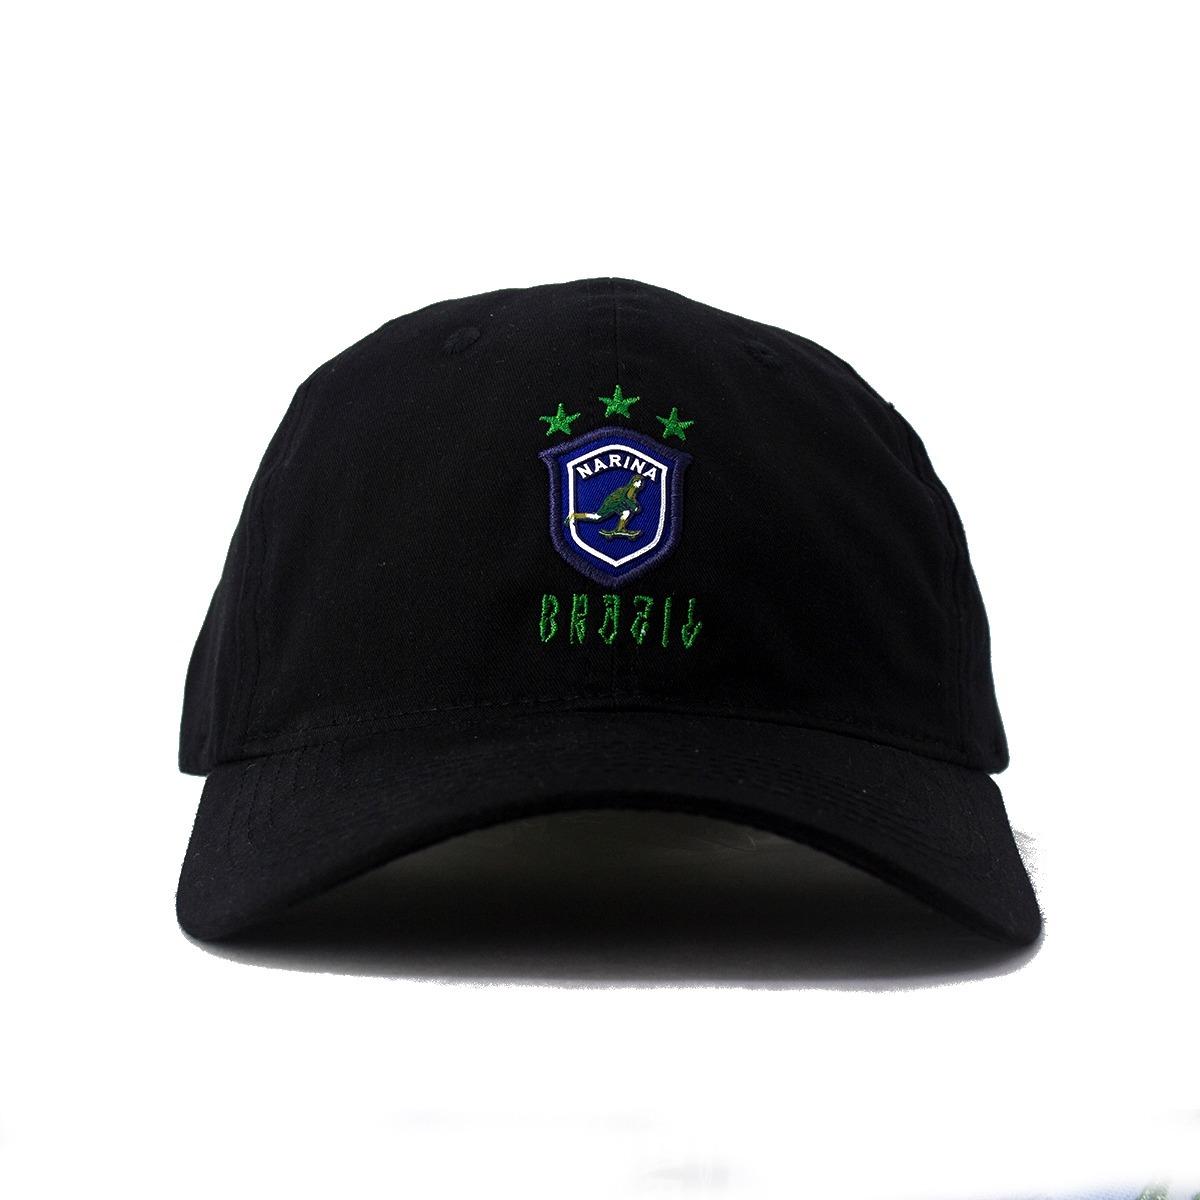 boné dad hat narina copa preto aba curva original. Carregando zoom. 6bf83a11002